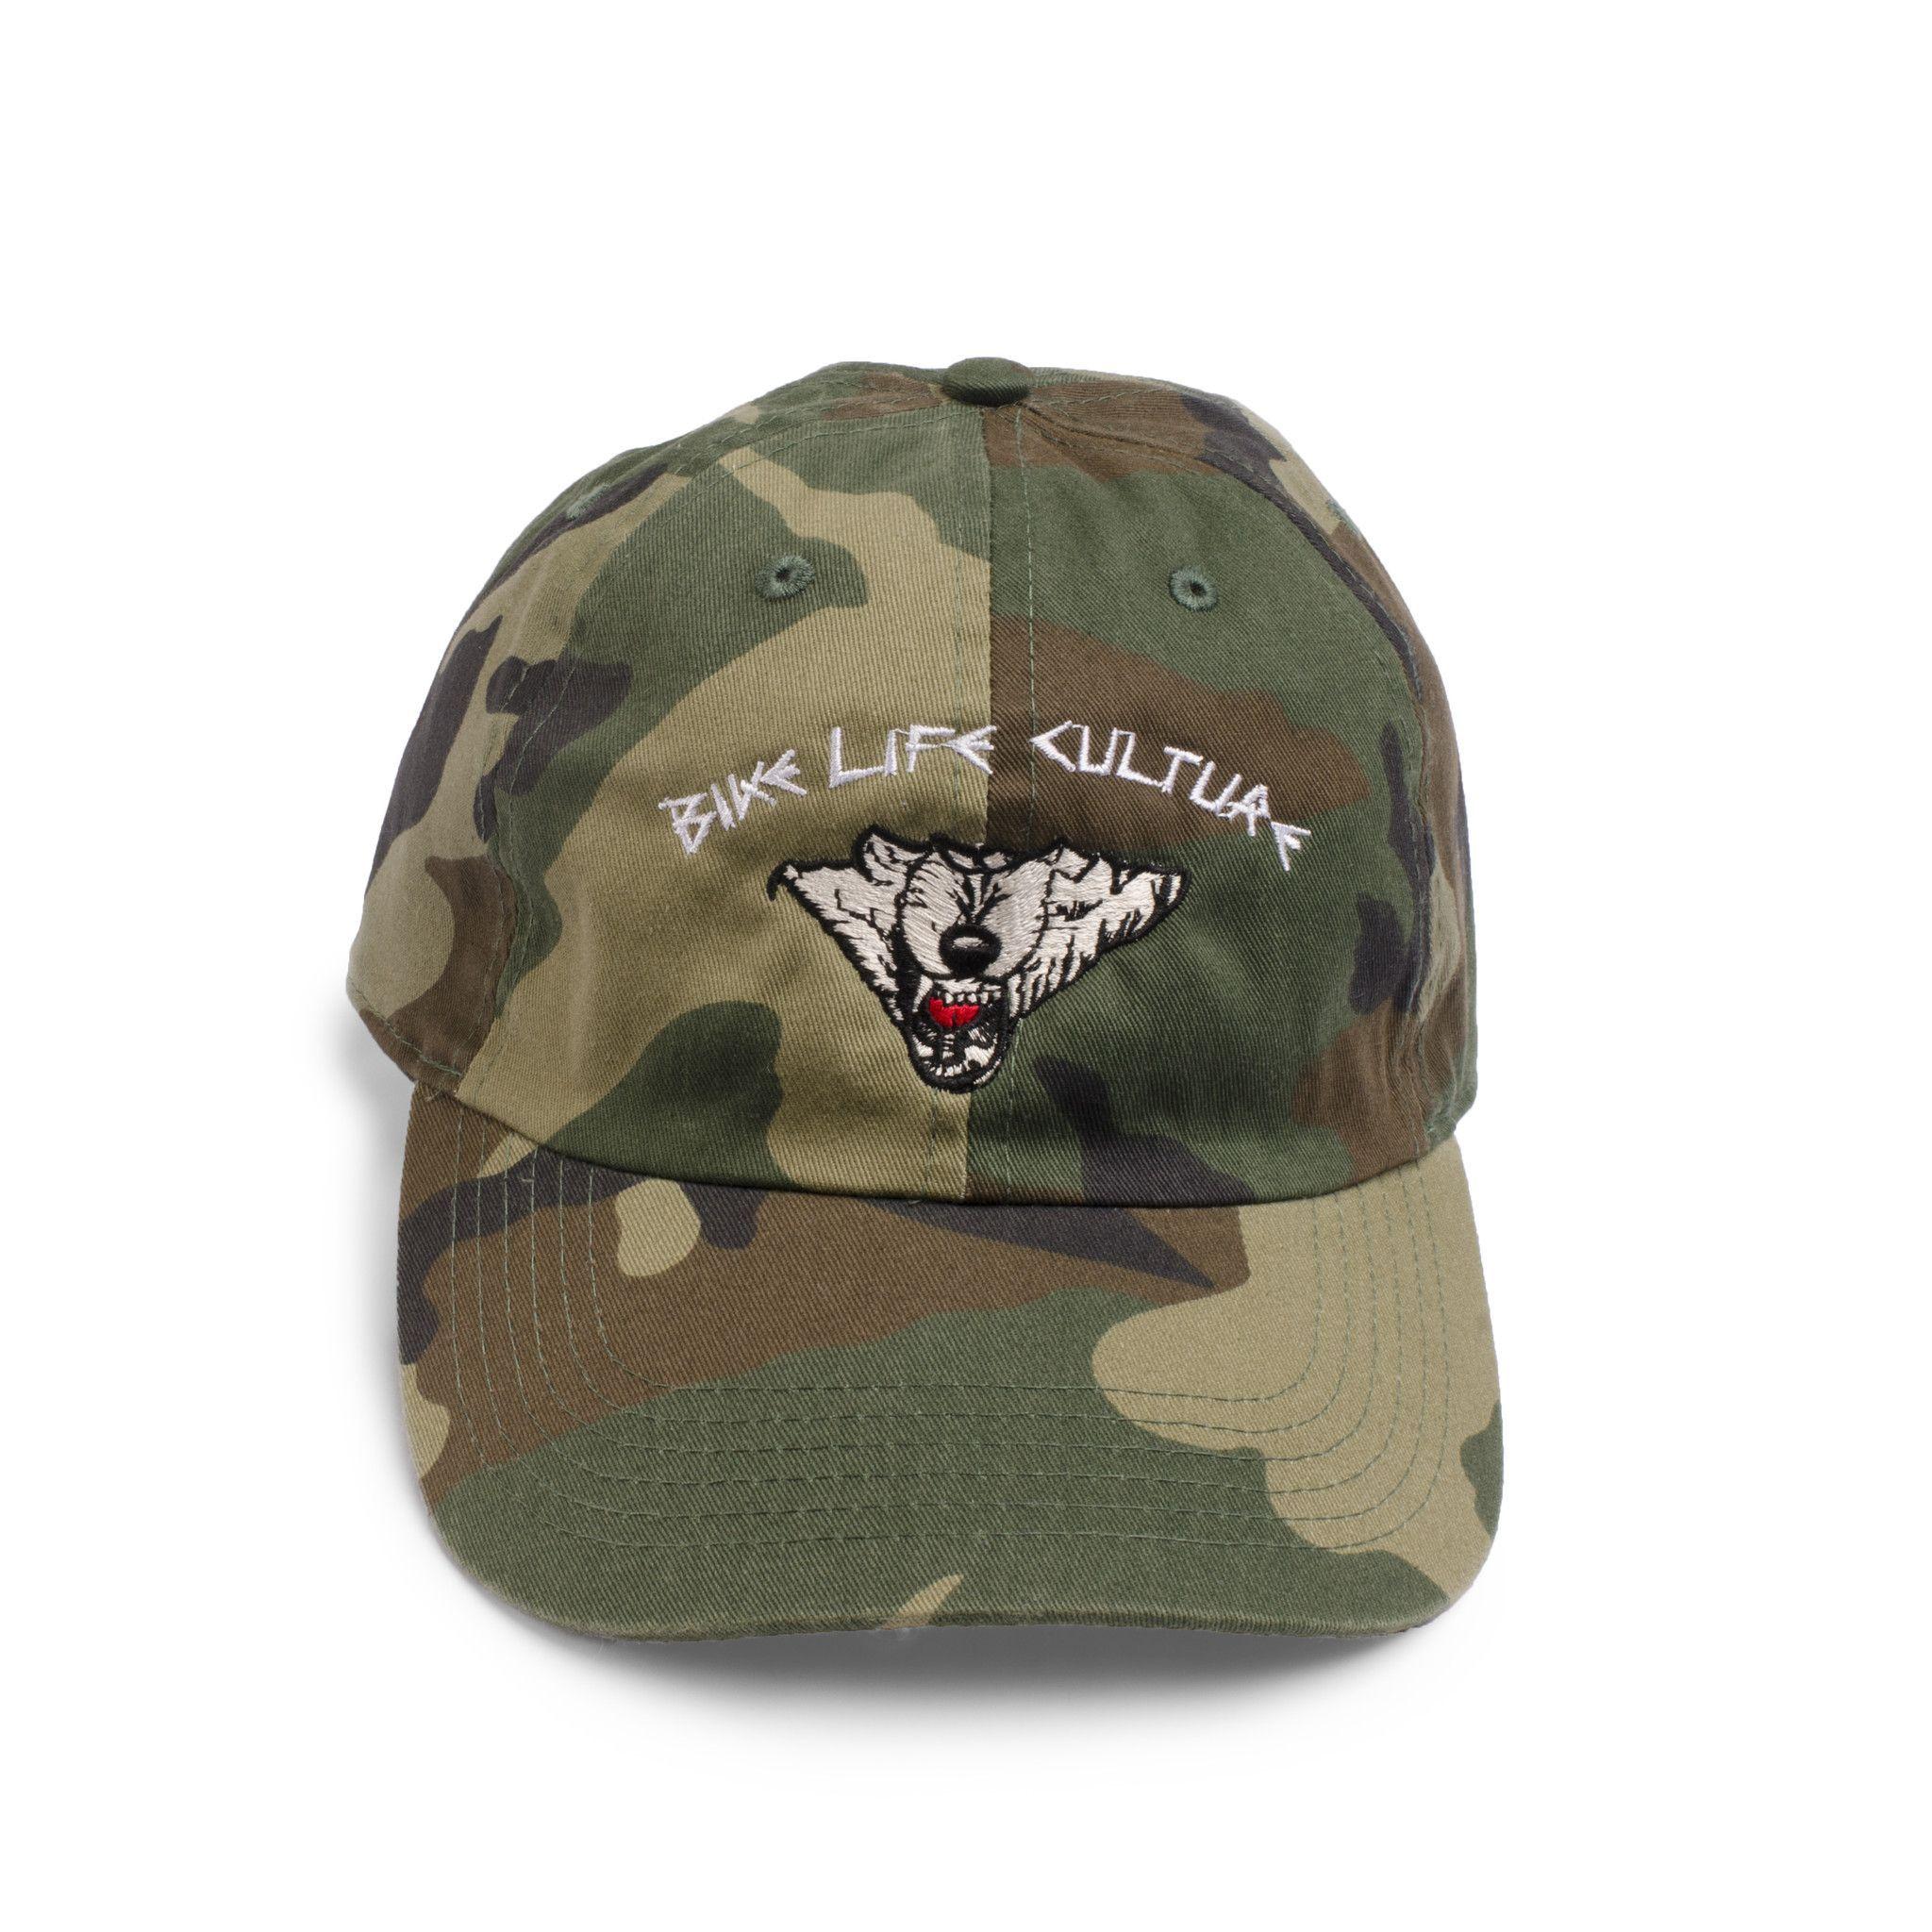 BIKE LIFE CULTURE DAD CAP- ARMY FATIGUE  2ee0fb31a63b